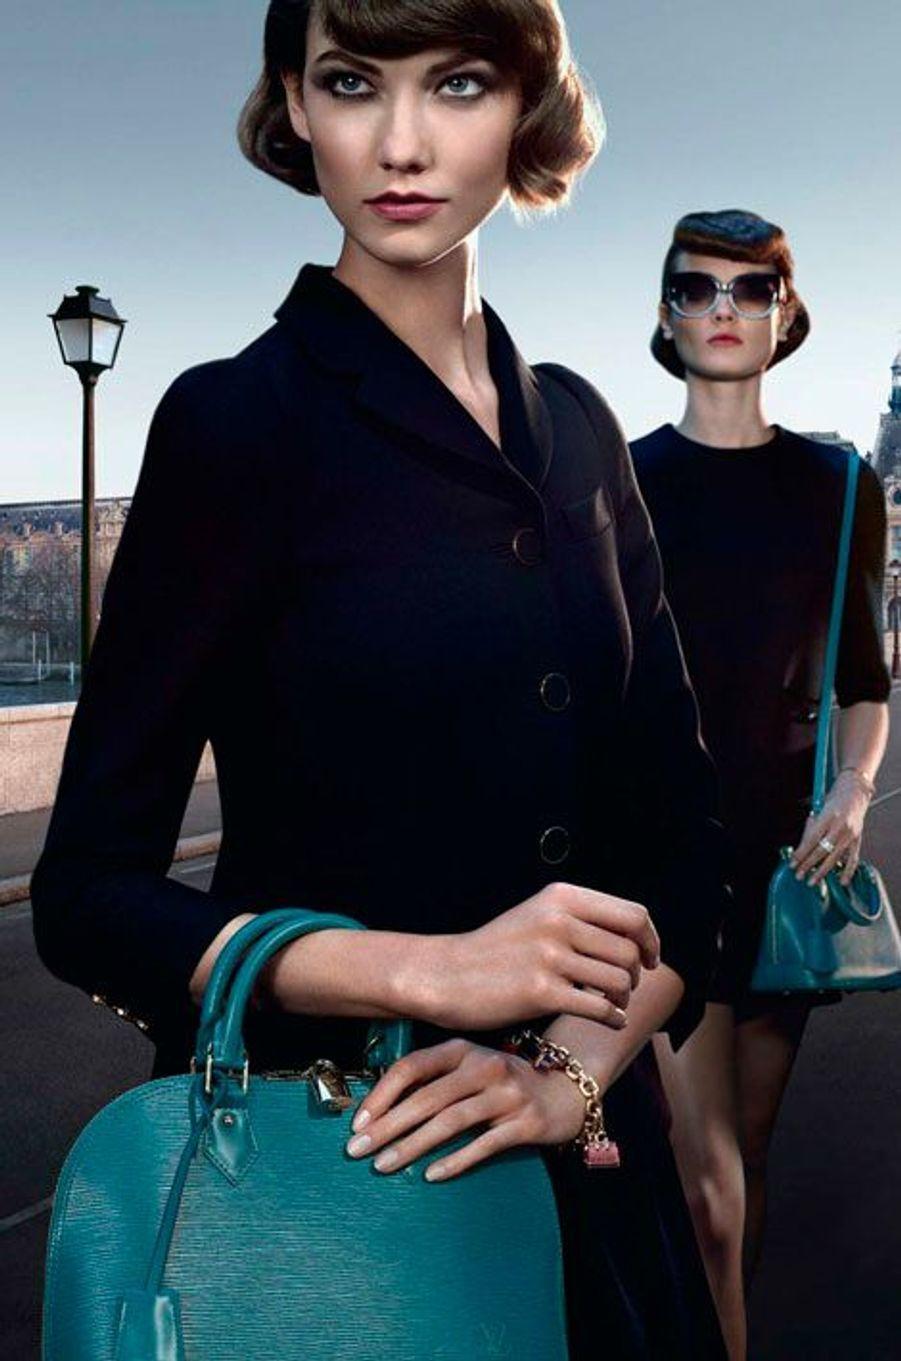 L'Américaine, égérie de Lancaster et Victoria's Secret en 2013 fait partie des mannequins les mieux payées. Il faut dire qu'elle est incontournable. Elle a défilé cette année pour Oscar de la Renta, Gaultier, Balmain, Ralph Lauren et a fait plusieurs Unes pour «Vogue».